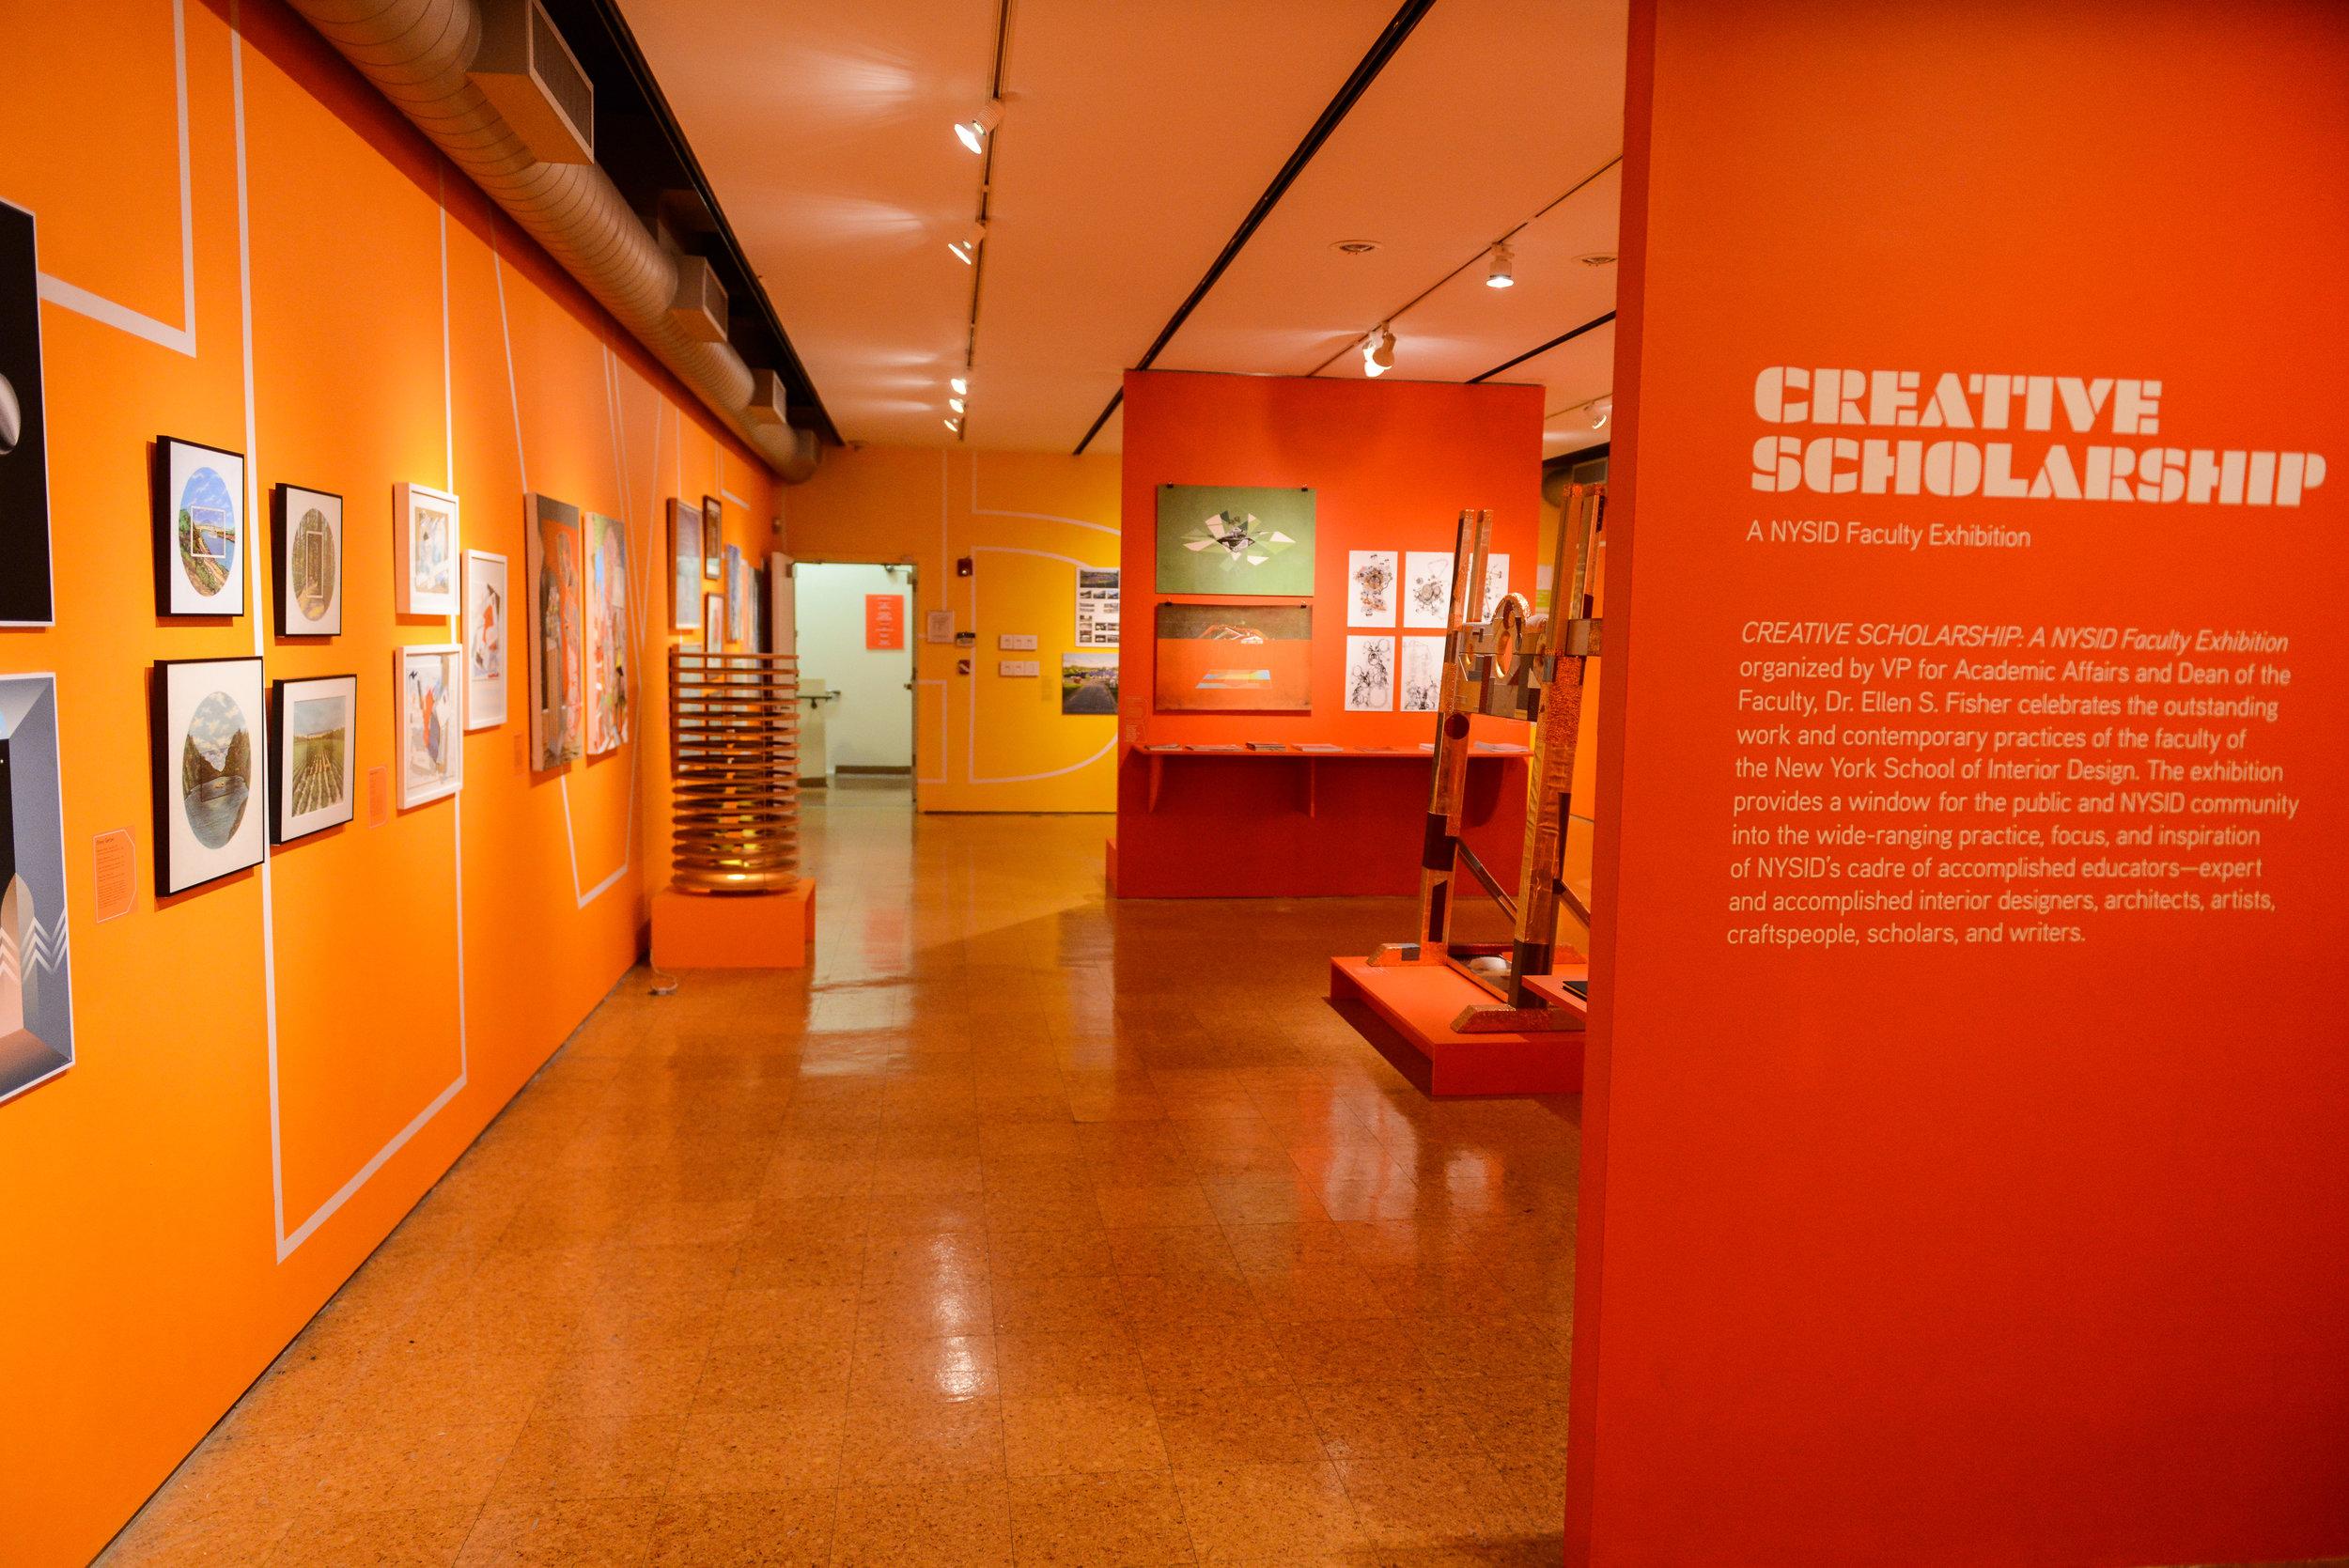 creative-scholarship-a-nysid-faculty-exhibition_23662148478_o[1].jpg